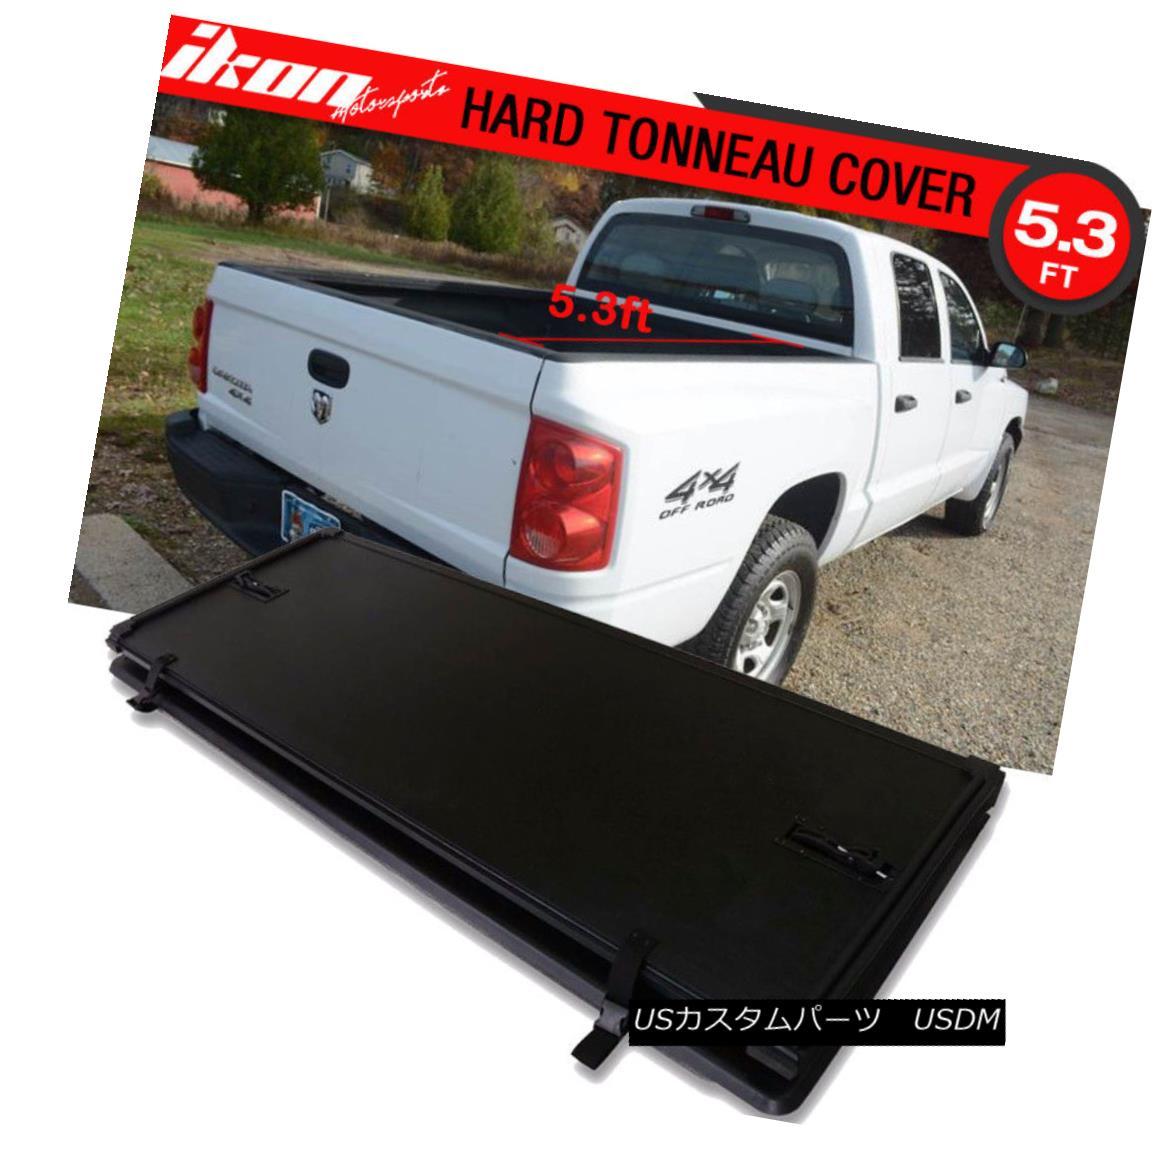 エアロパーツ For 05-11 Dodge Dakota Hard Solid Lock Tri-Fold Tonneau Cover 5.3ft Bed 05-11ダッジダコタハードソリッドロックトライフォールドトノーカバー5.3ftベッド